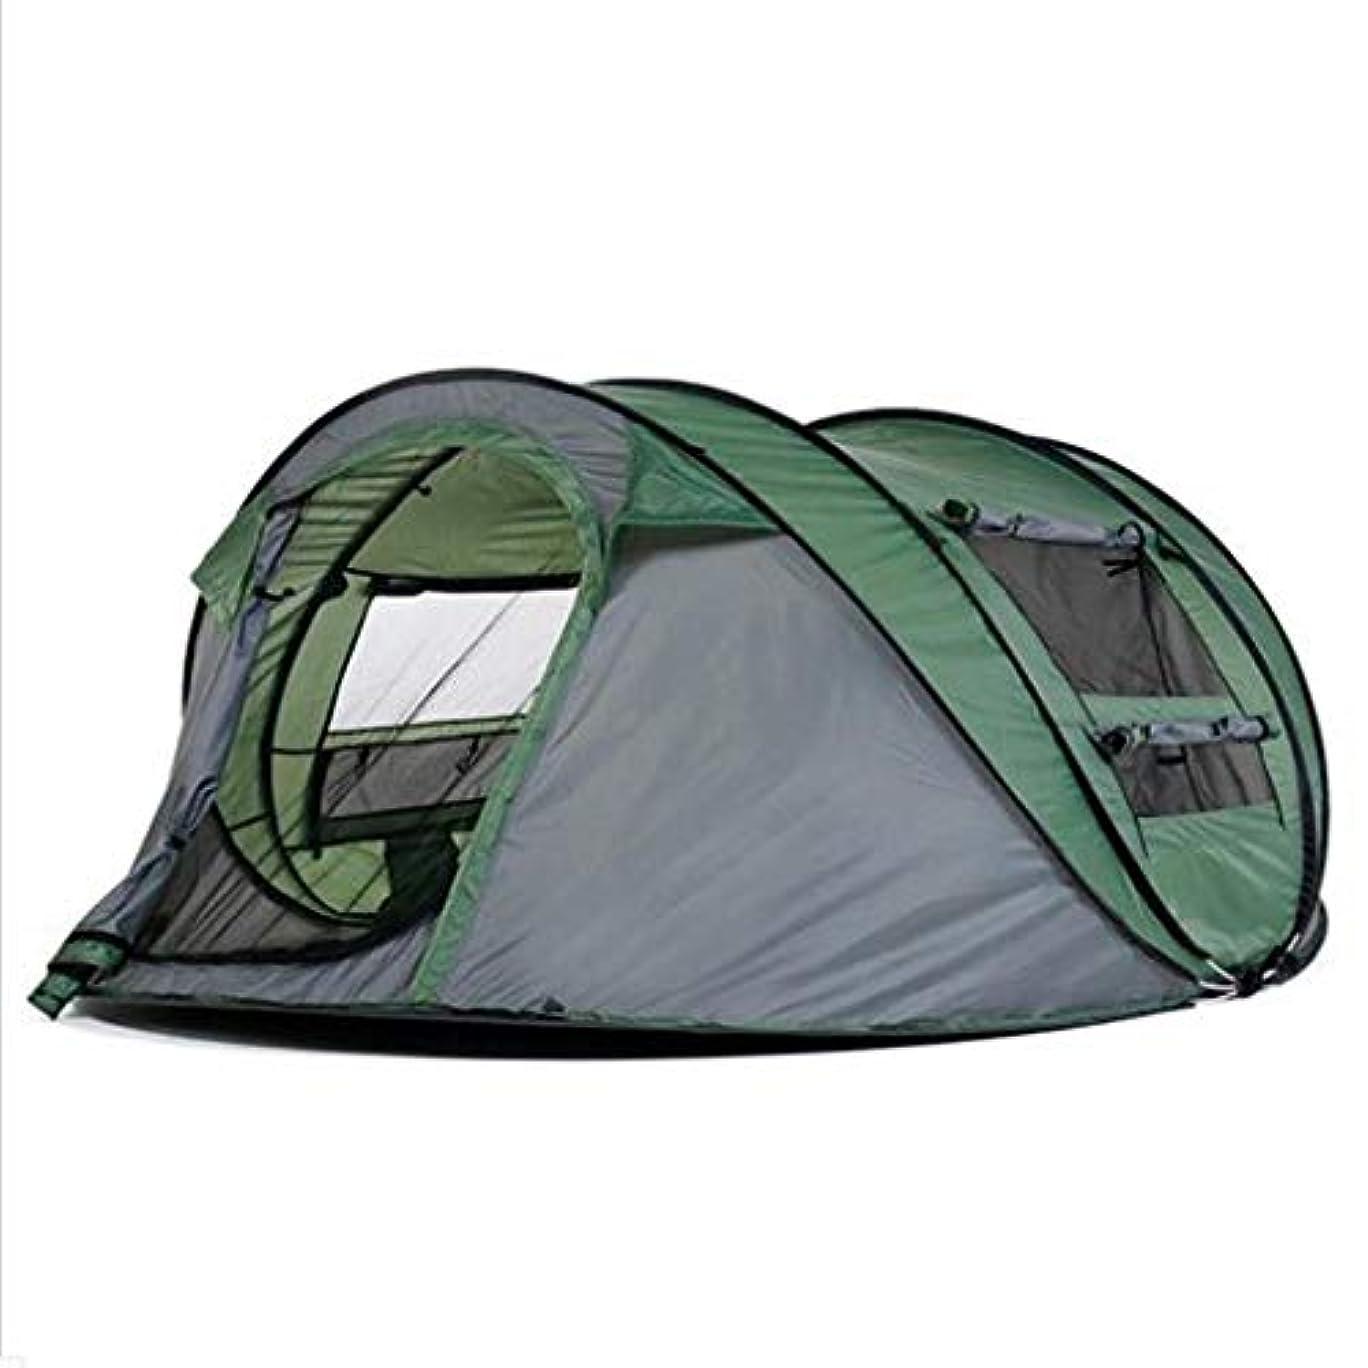 ピンク人口アンビエント3-4人の旅行者のテントの自動折るテントの速度の開いたキャンプの屋外のテントのキャンプの野生のテント